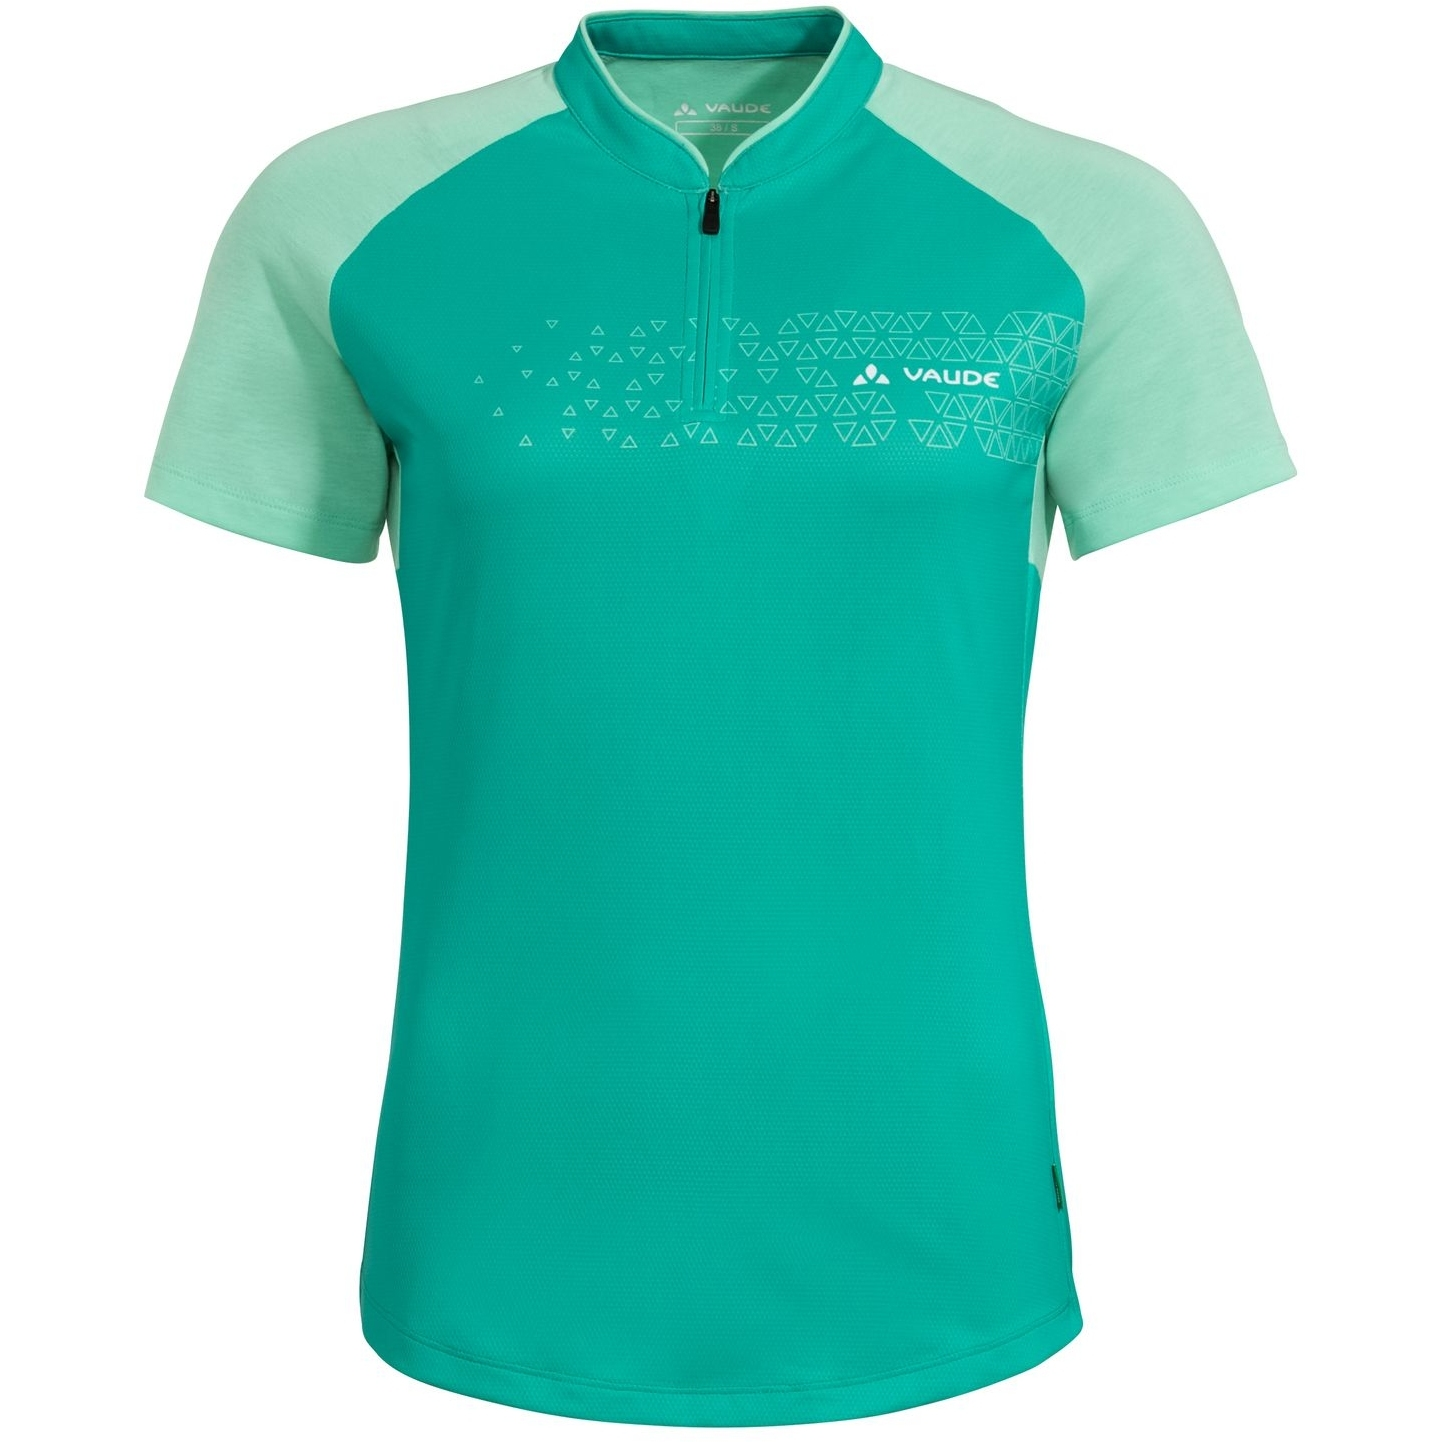 Vaude Ligure Damen T-Shirt III - peacock